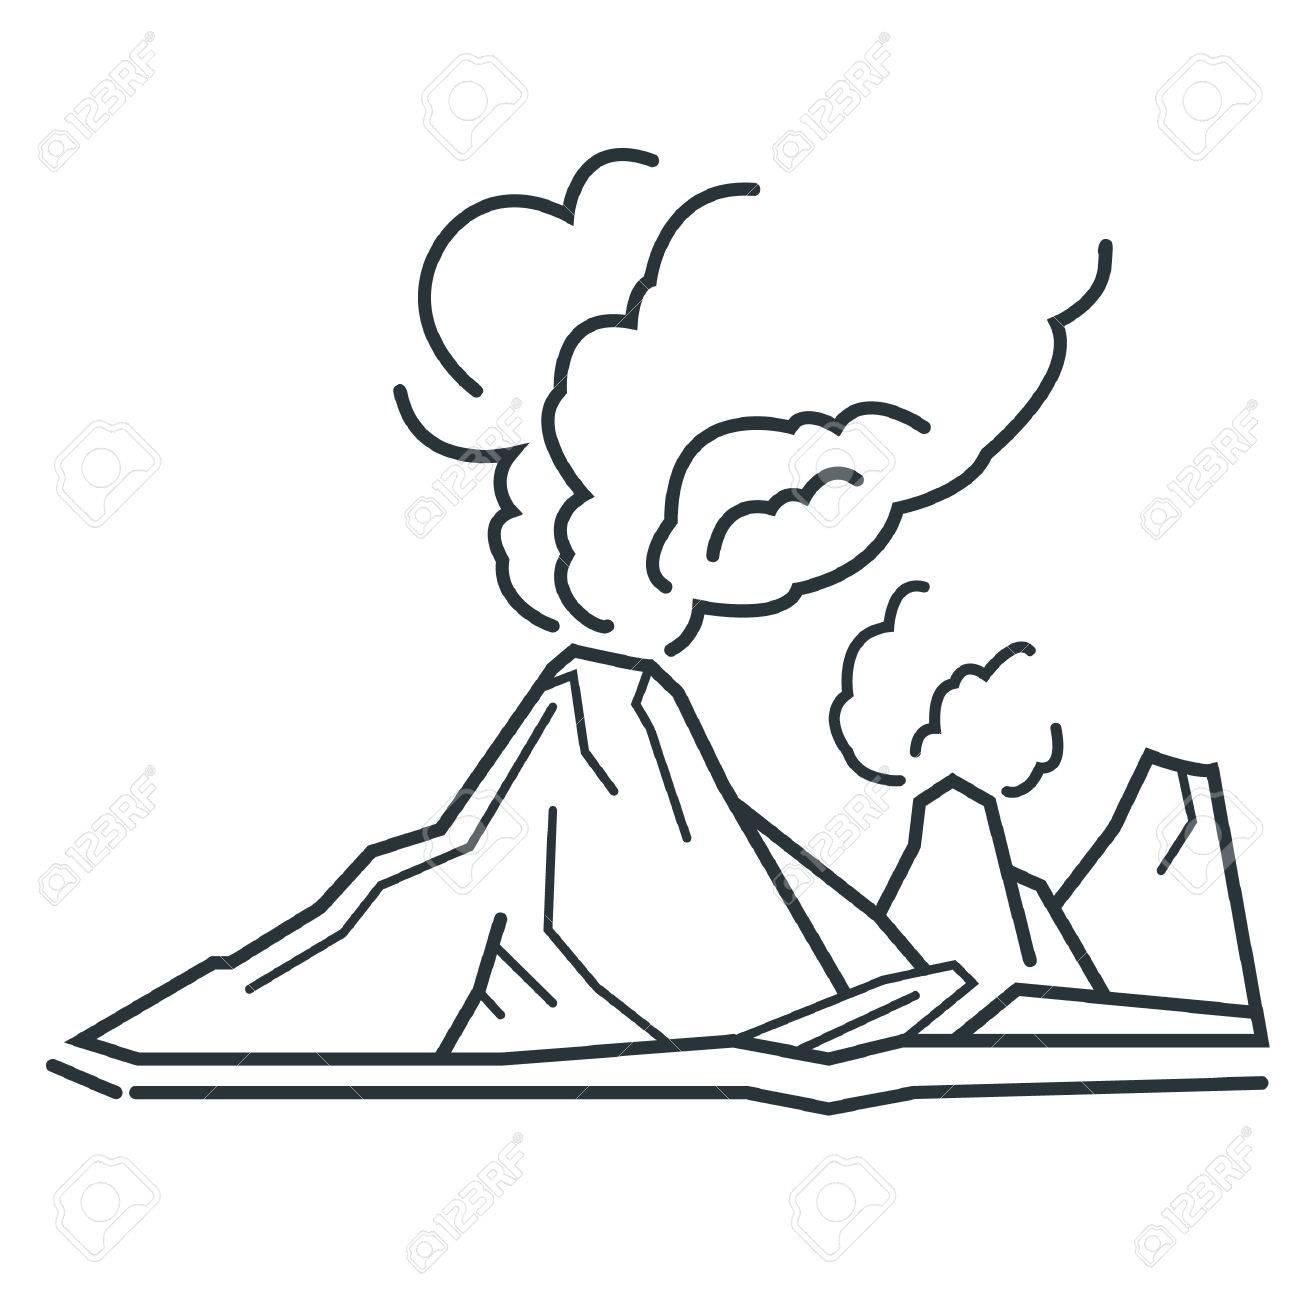 volcano - 53765427